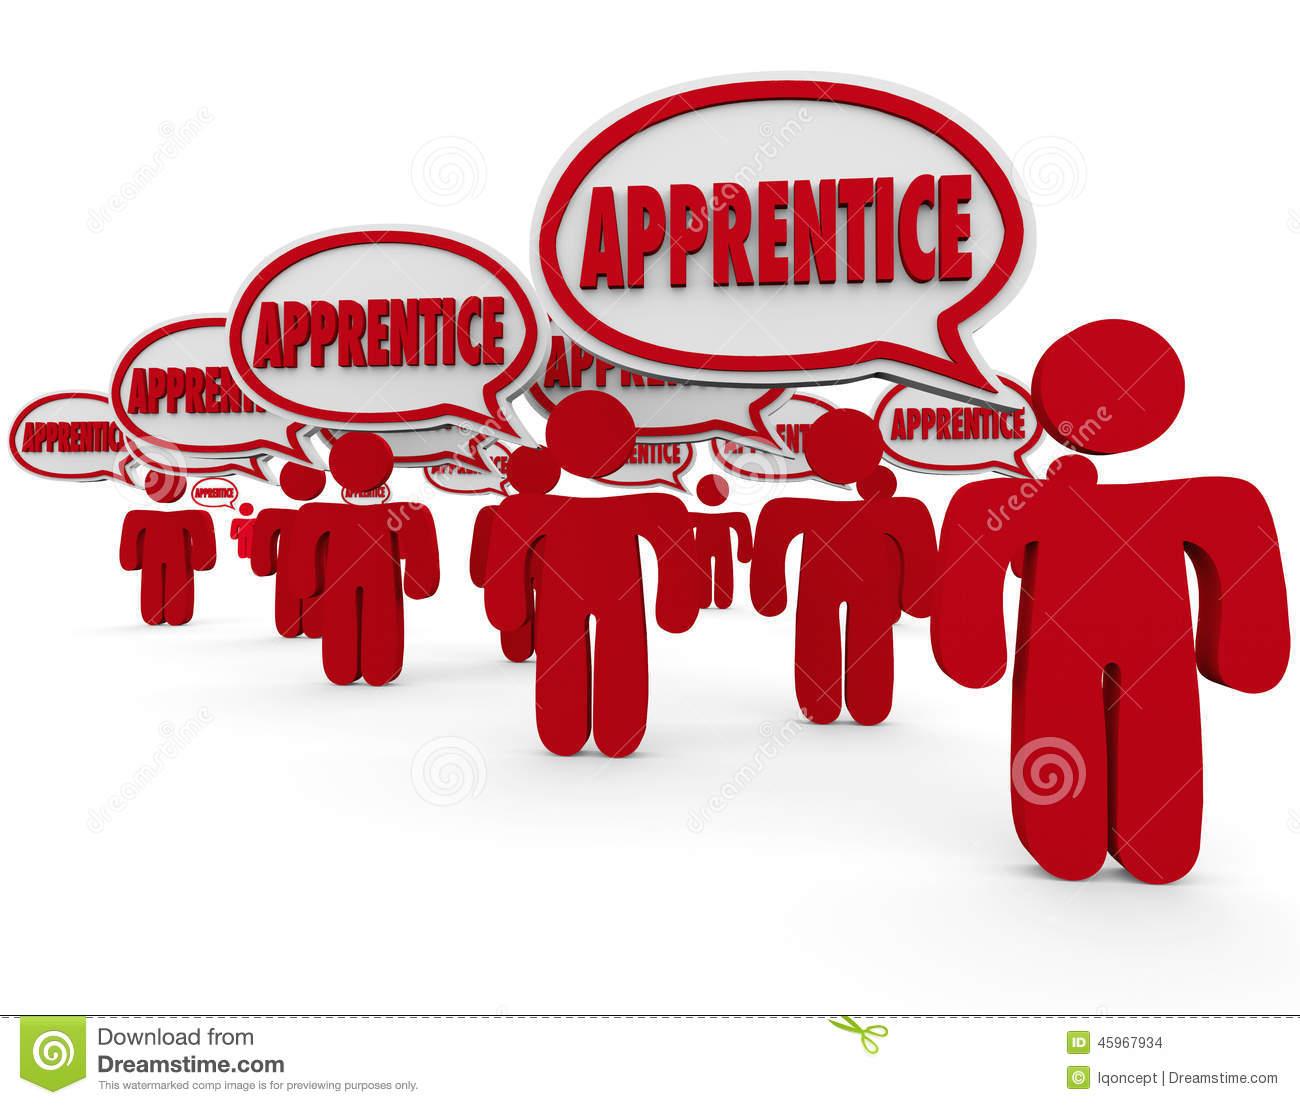 Apprentice clipart.